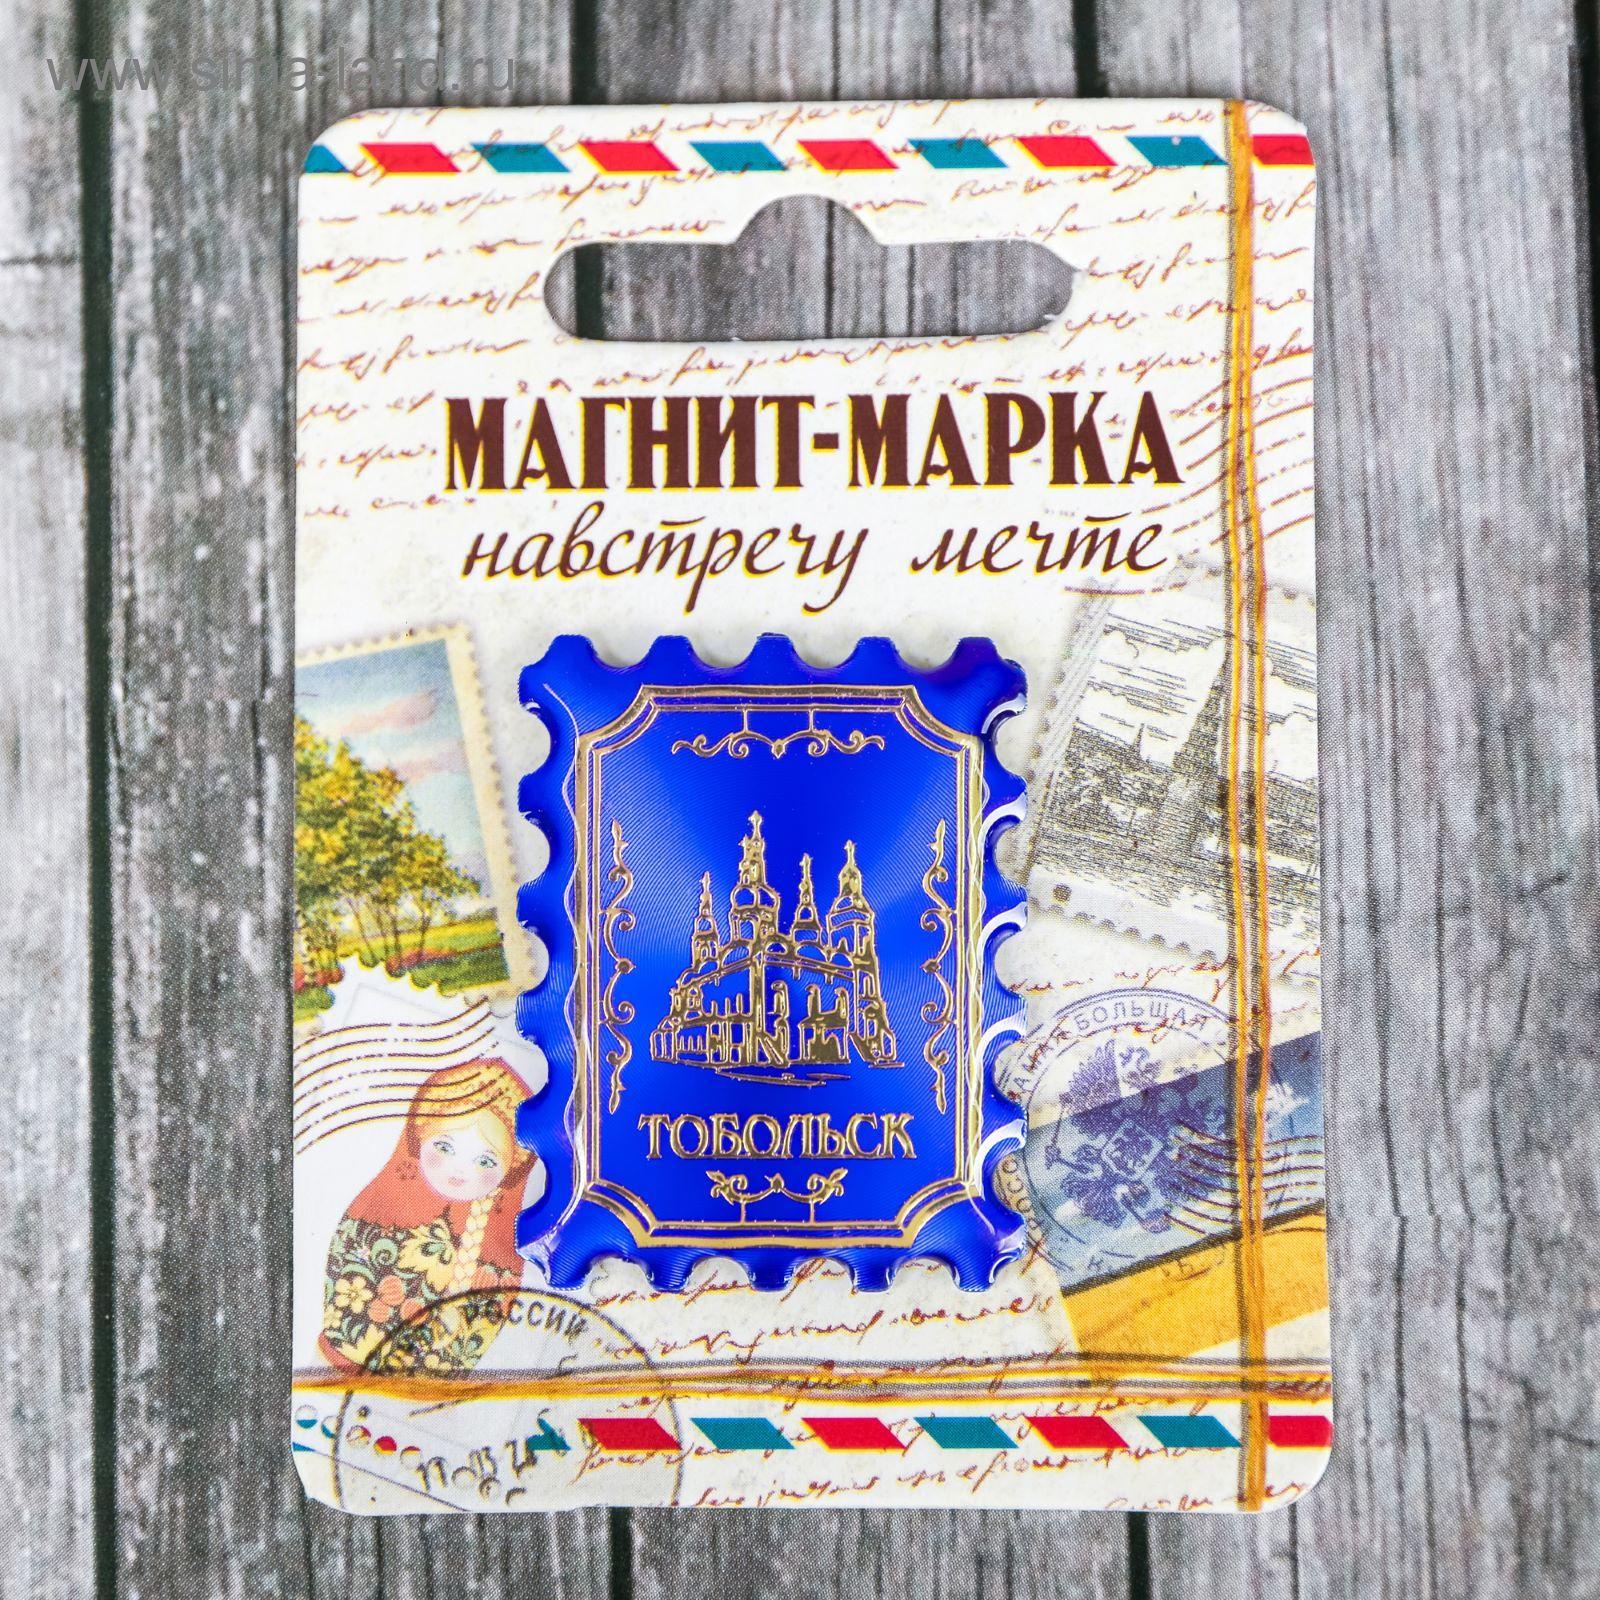 Марки Купить Тобольск MDMA Опт Нефтекамск